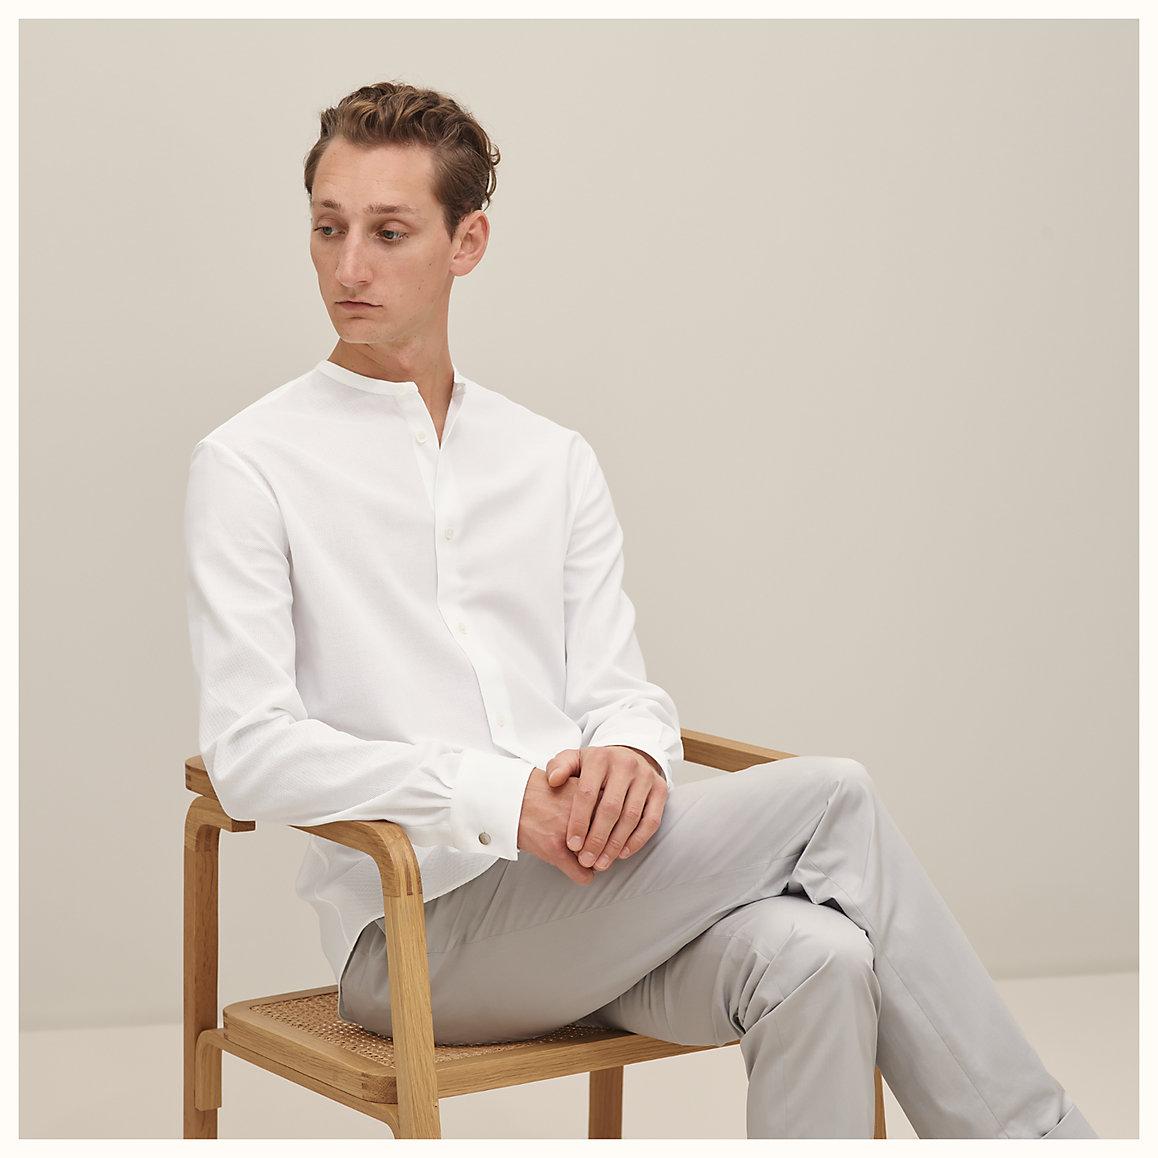 オシャレでかっこいいメンズはみんなシャツをセレクト!一枚で決まるシャツコーデ